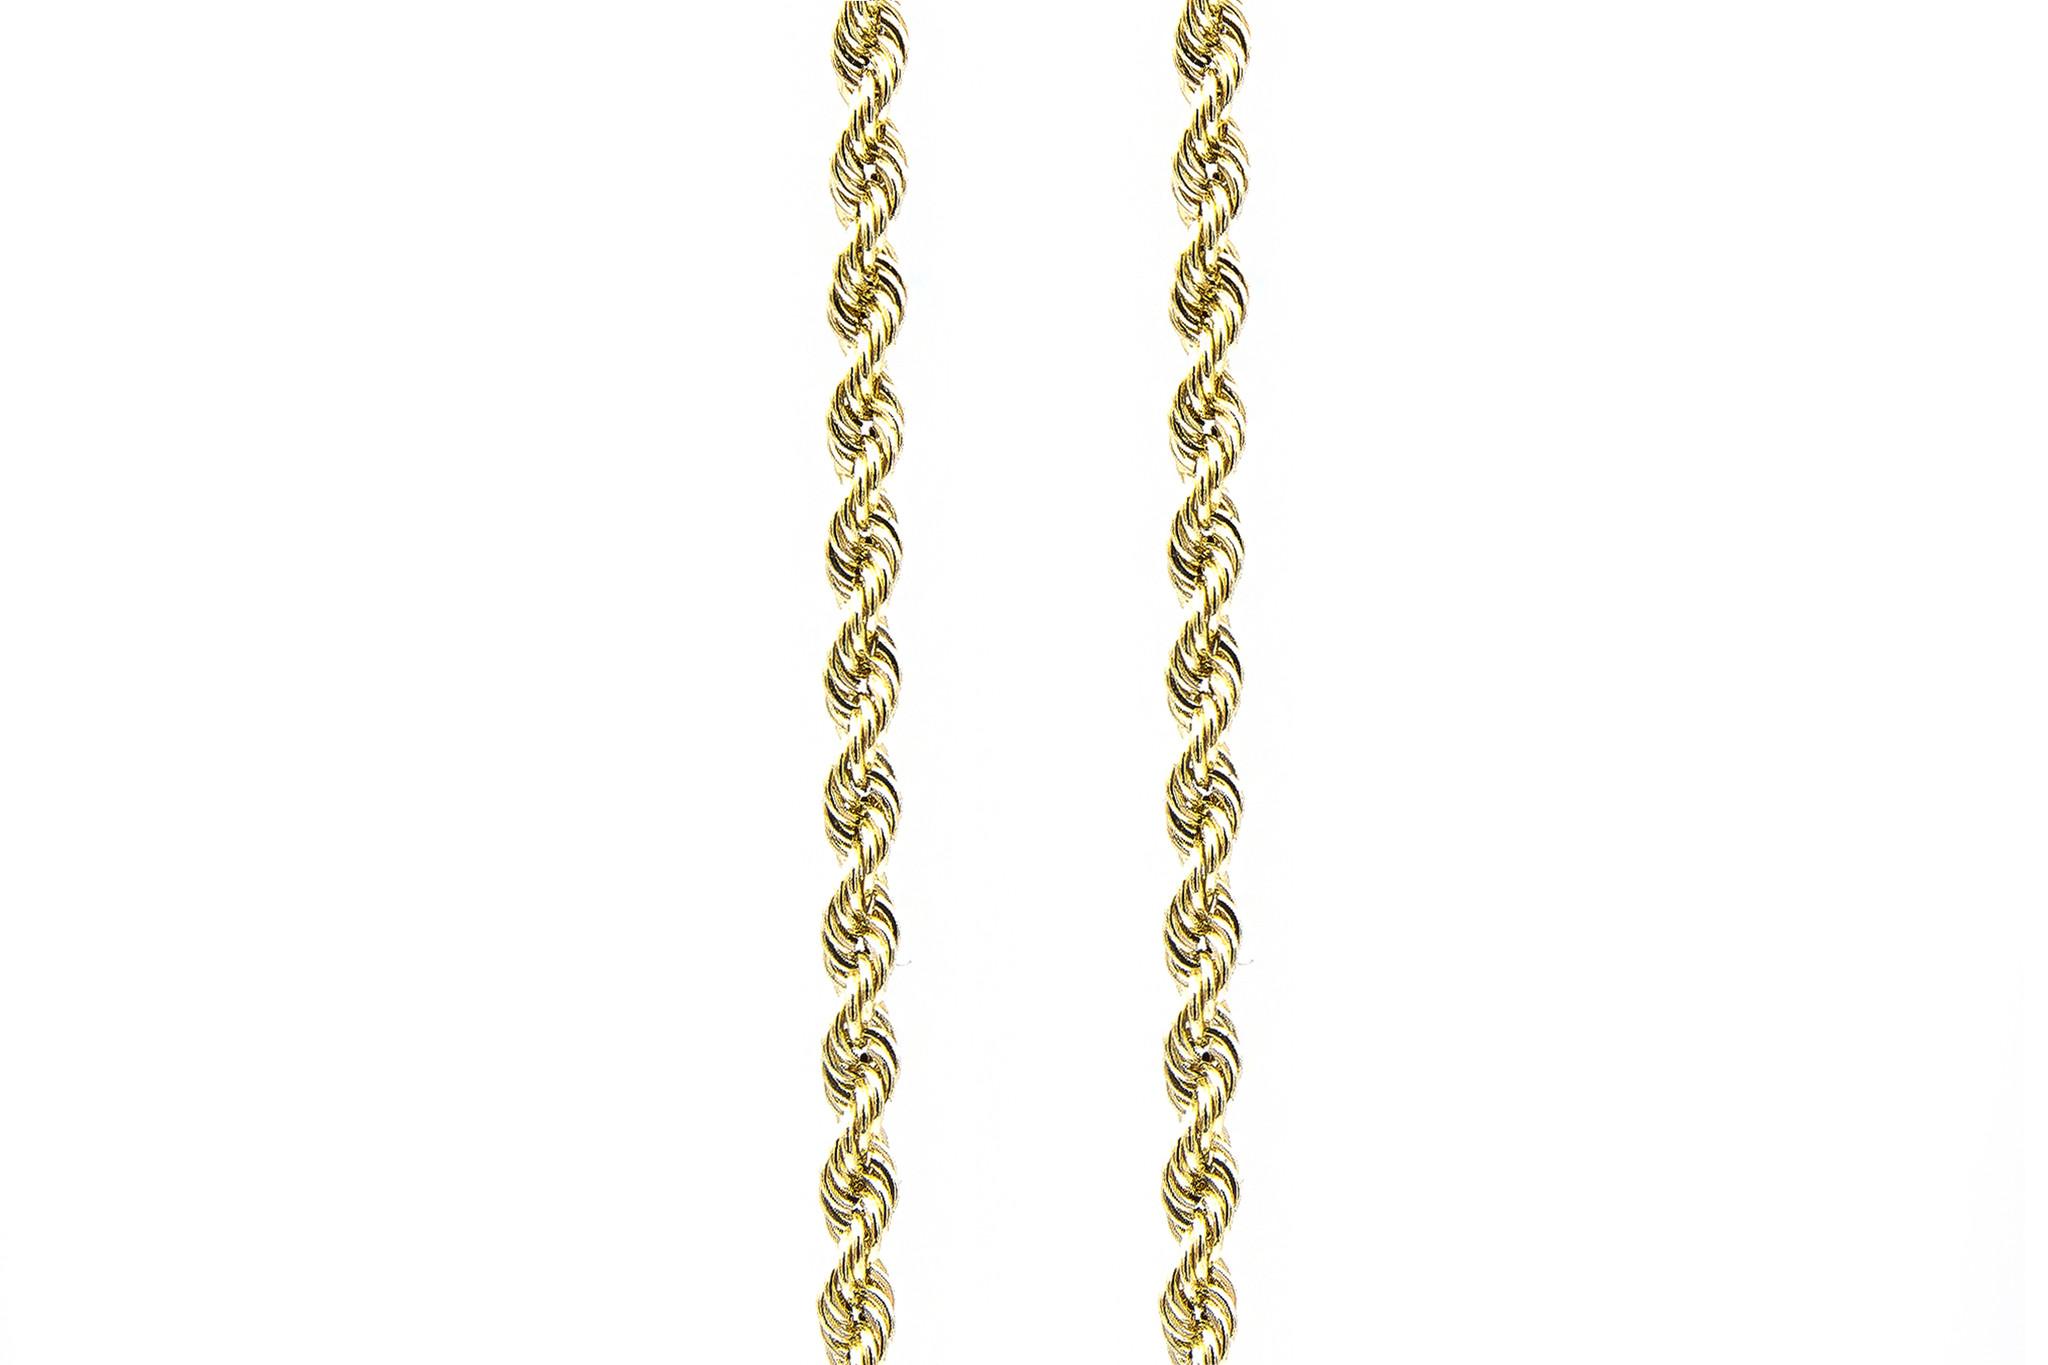 Rope chain Nederlands goud 14kt 9 mm-5